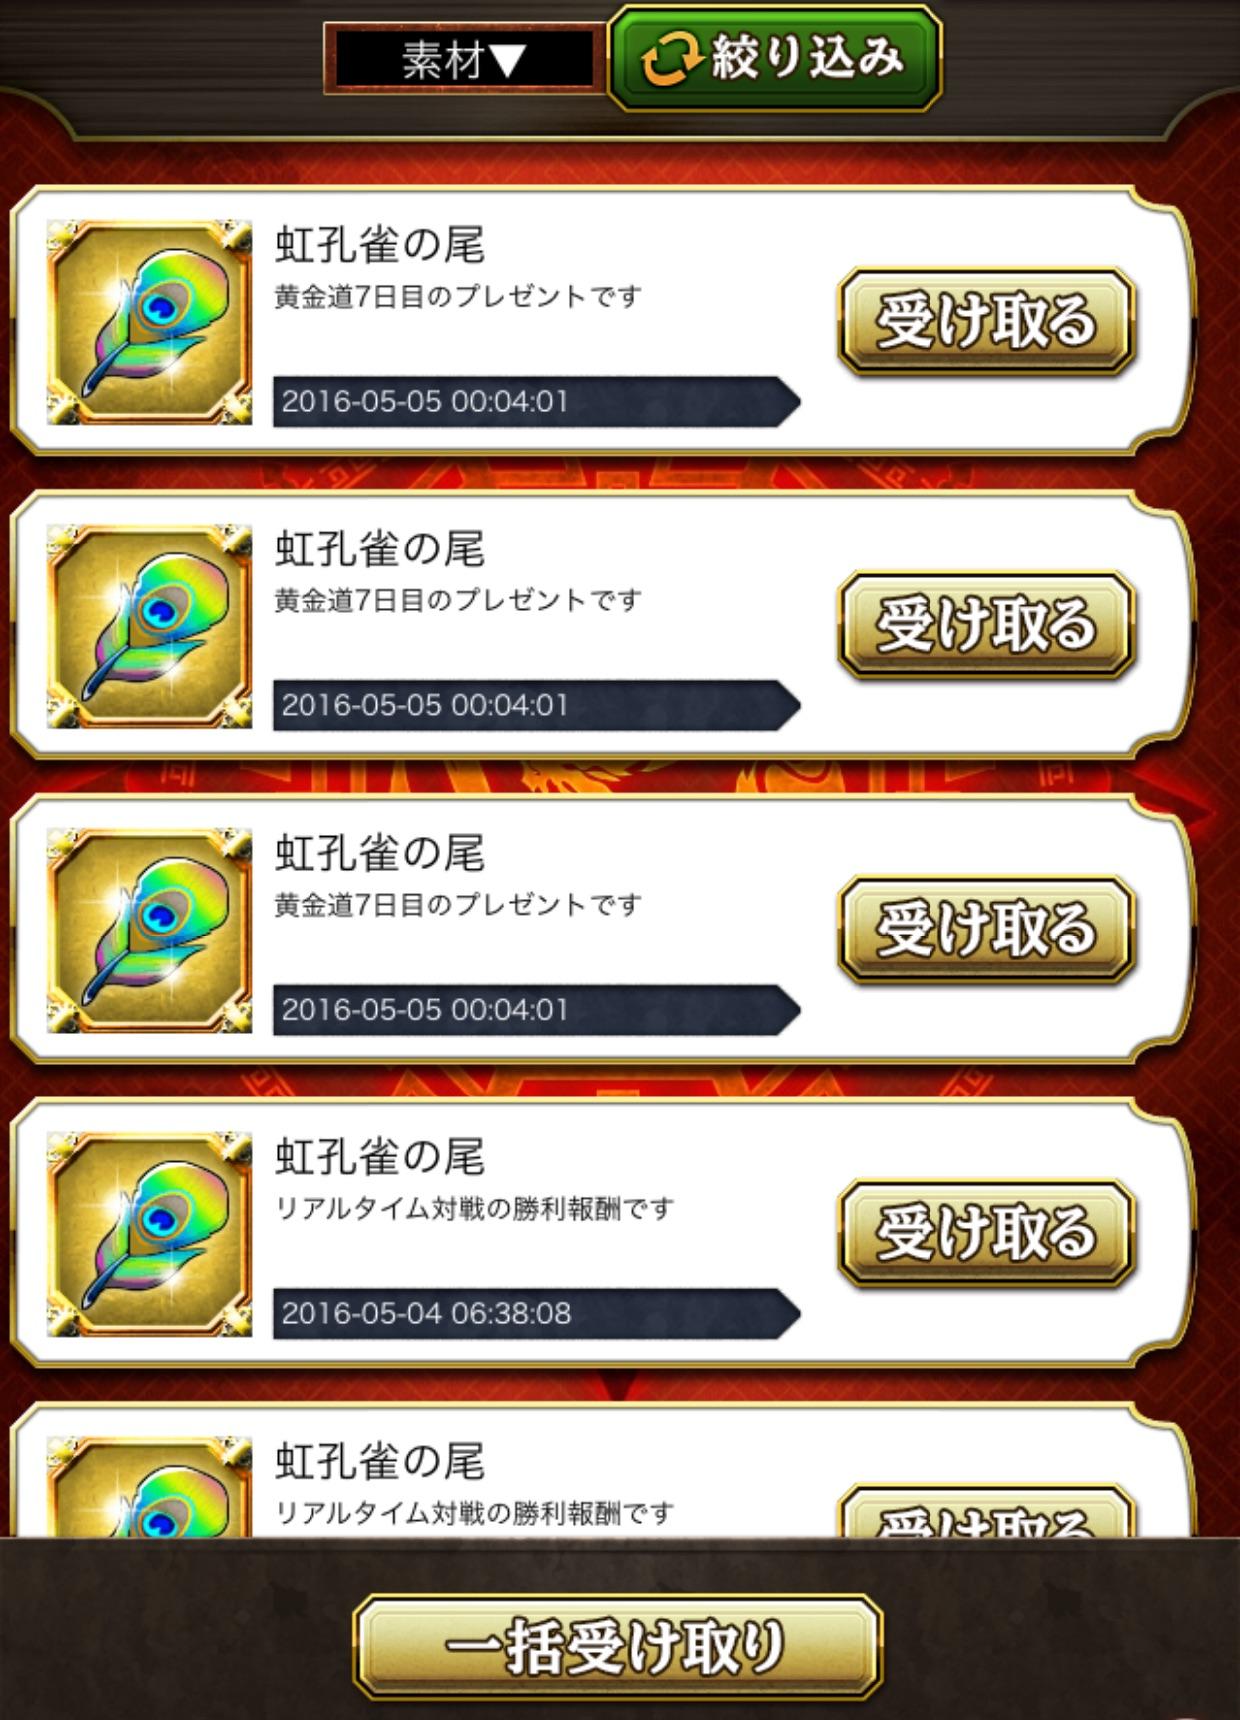 20170326111342b7a.jpg